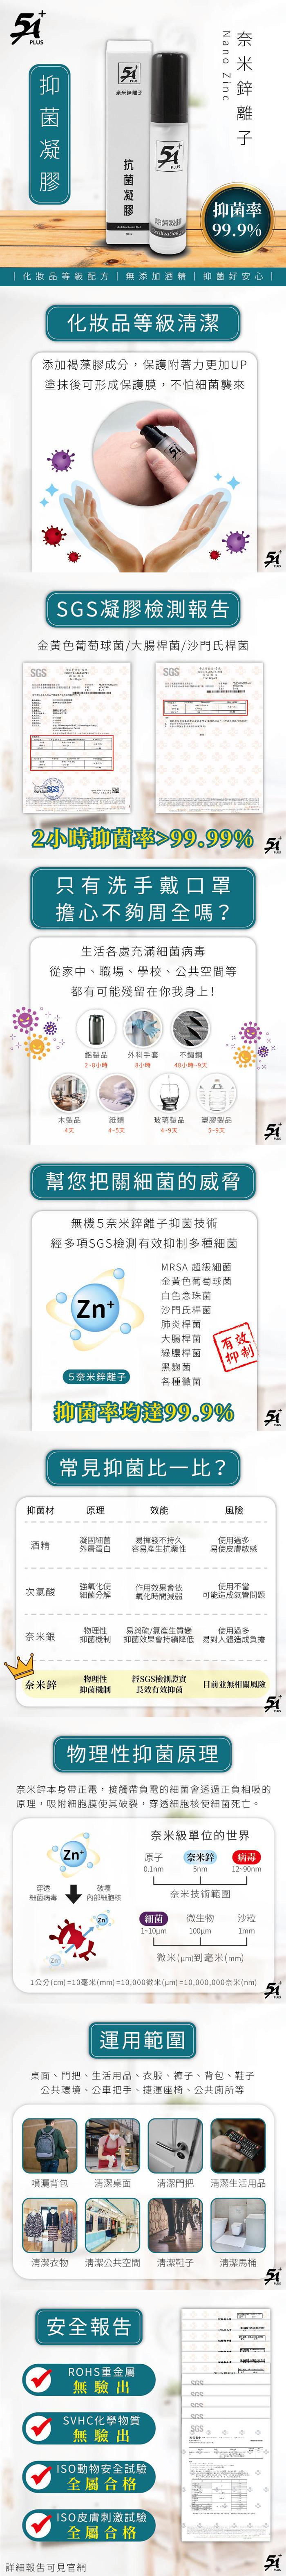 (複製)MuShui|5A+ 奈米鋅離子 長效抗菌噴液 60ml